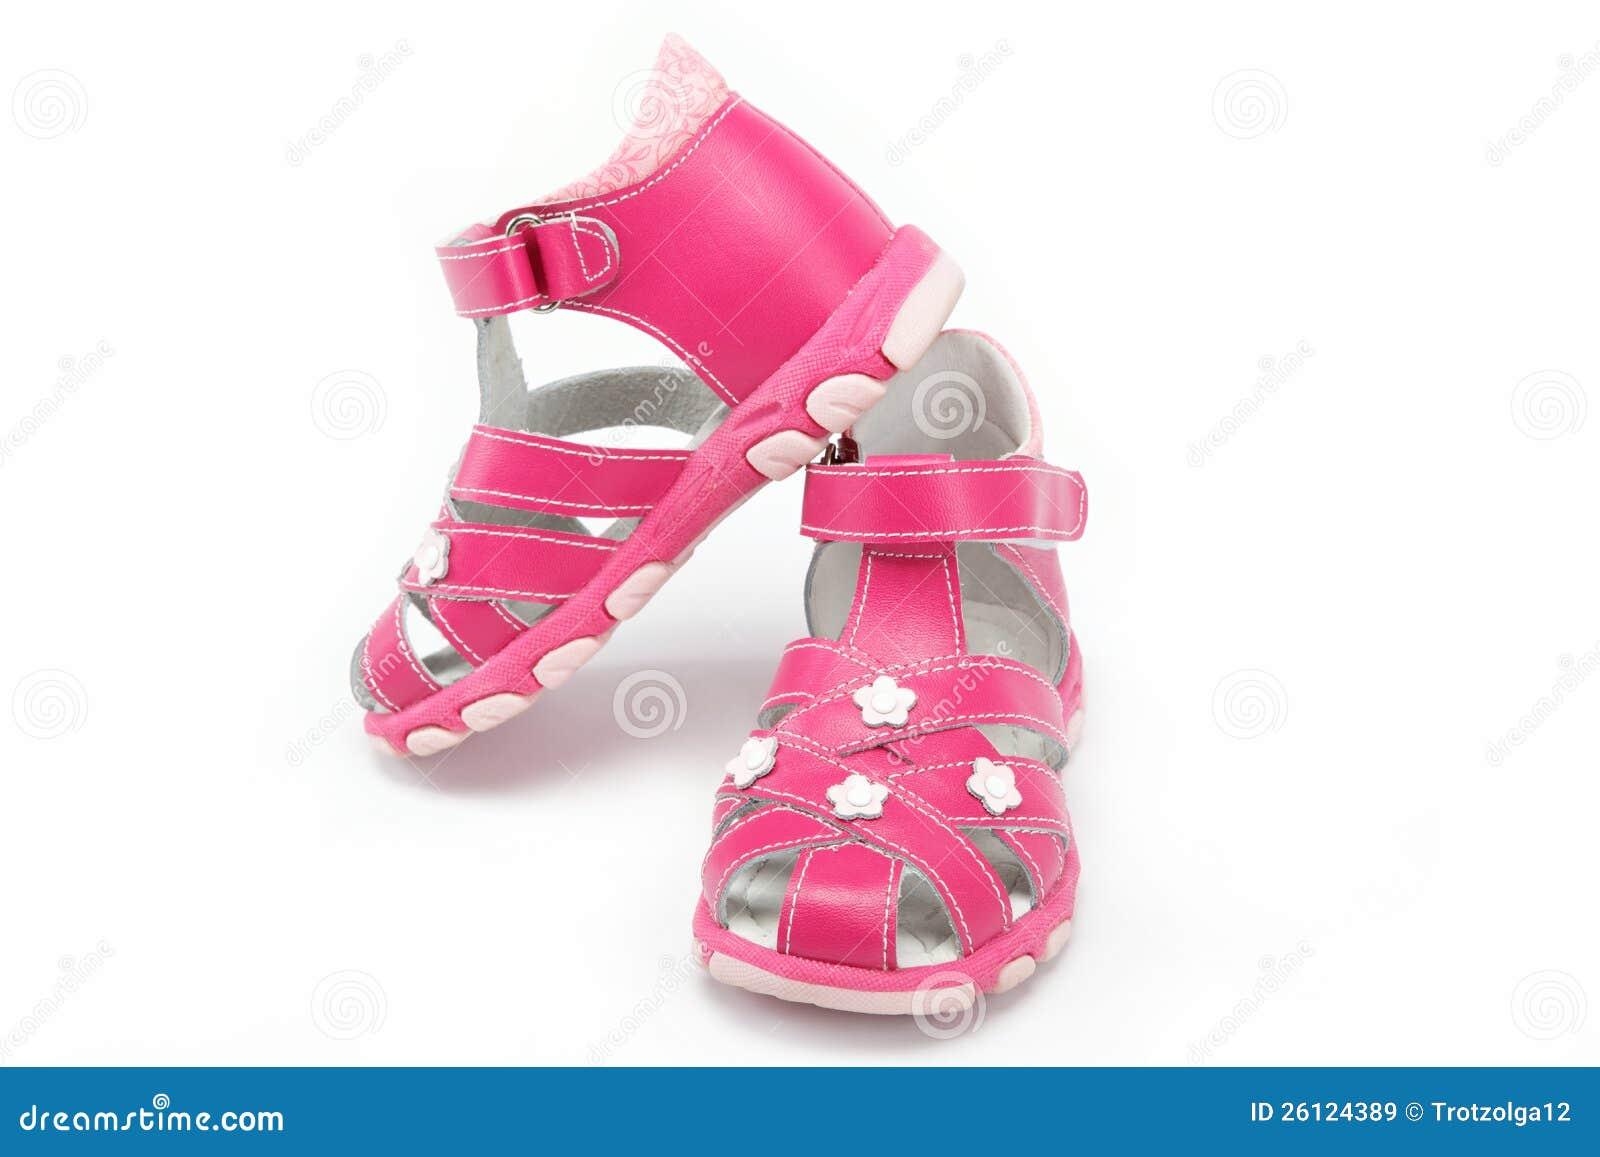 Rosa barns sandals som isoleras på white